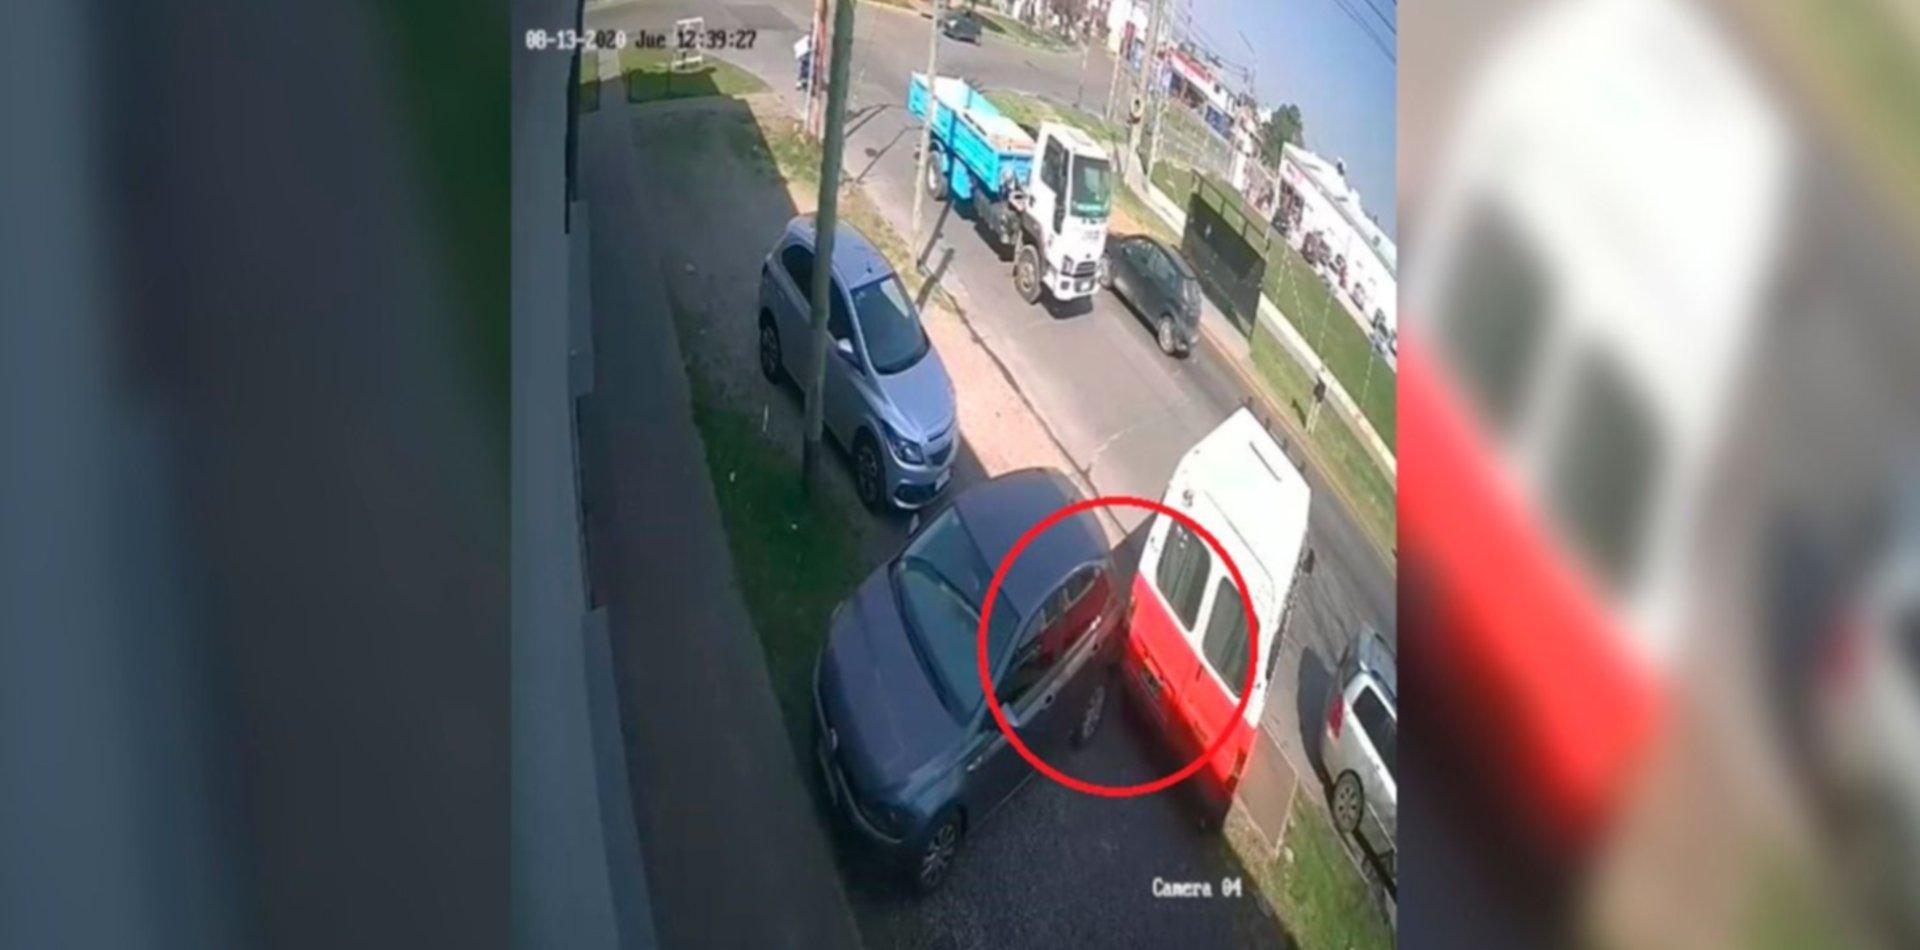 VIDEO: Un transporte escolar le chocó el auto, huyó y ahora lo busca en La Plata